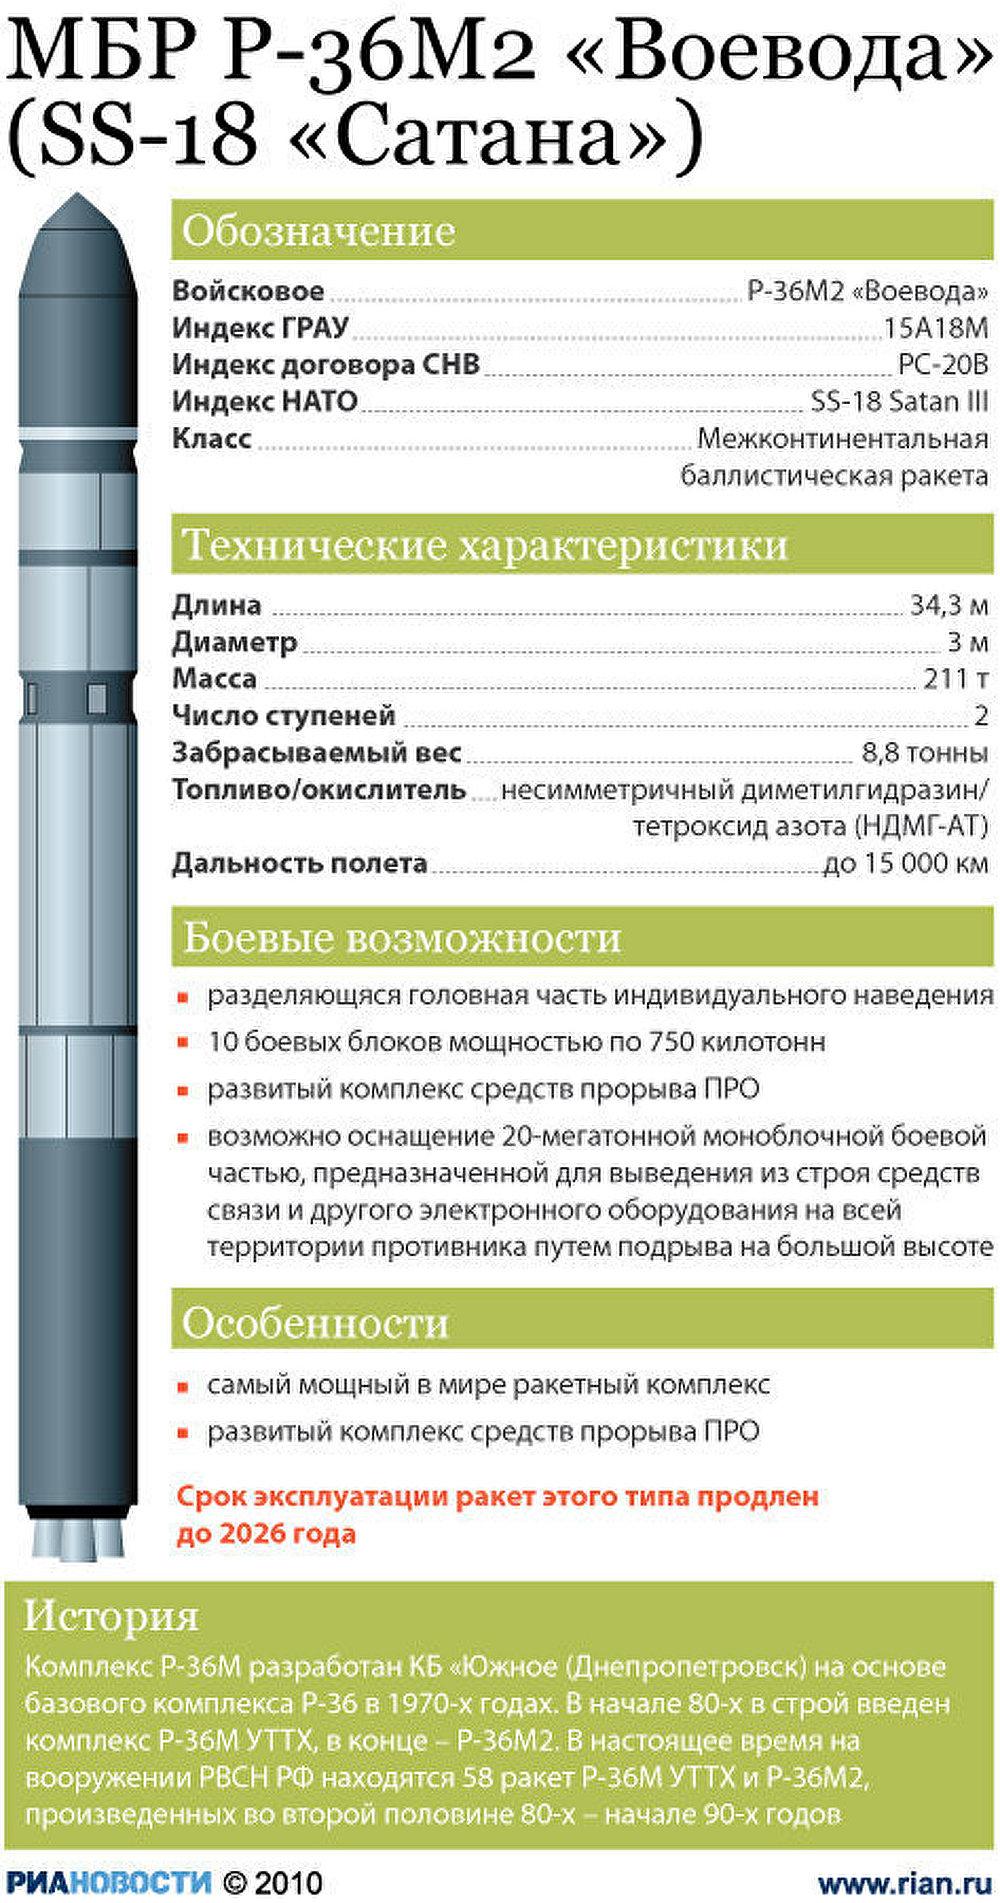 Картинки по запросу р-36м2 «воевода»